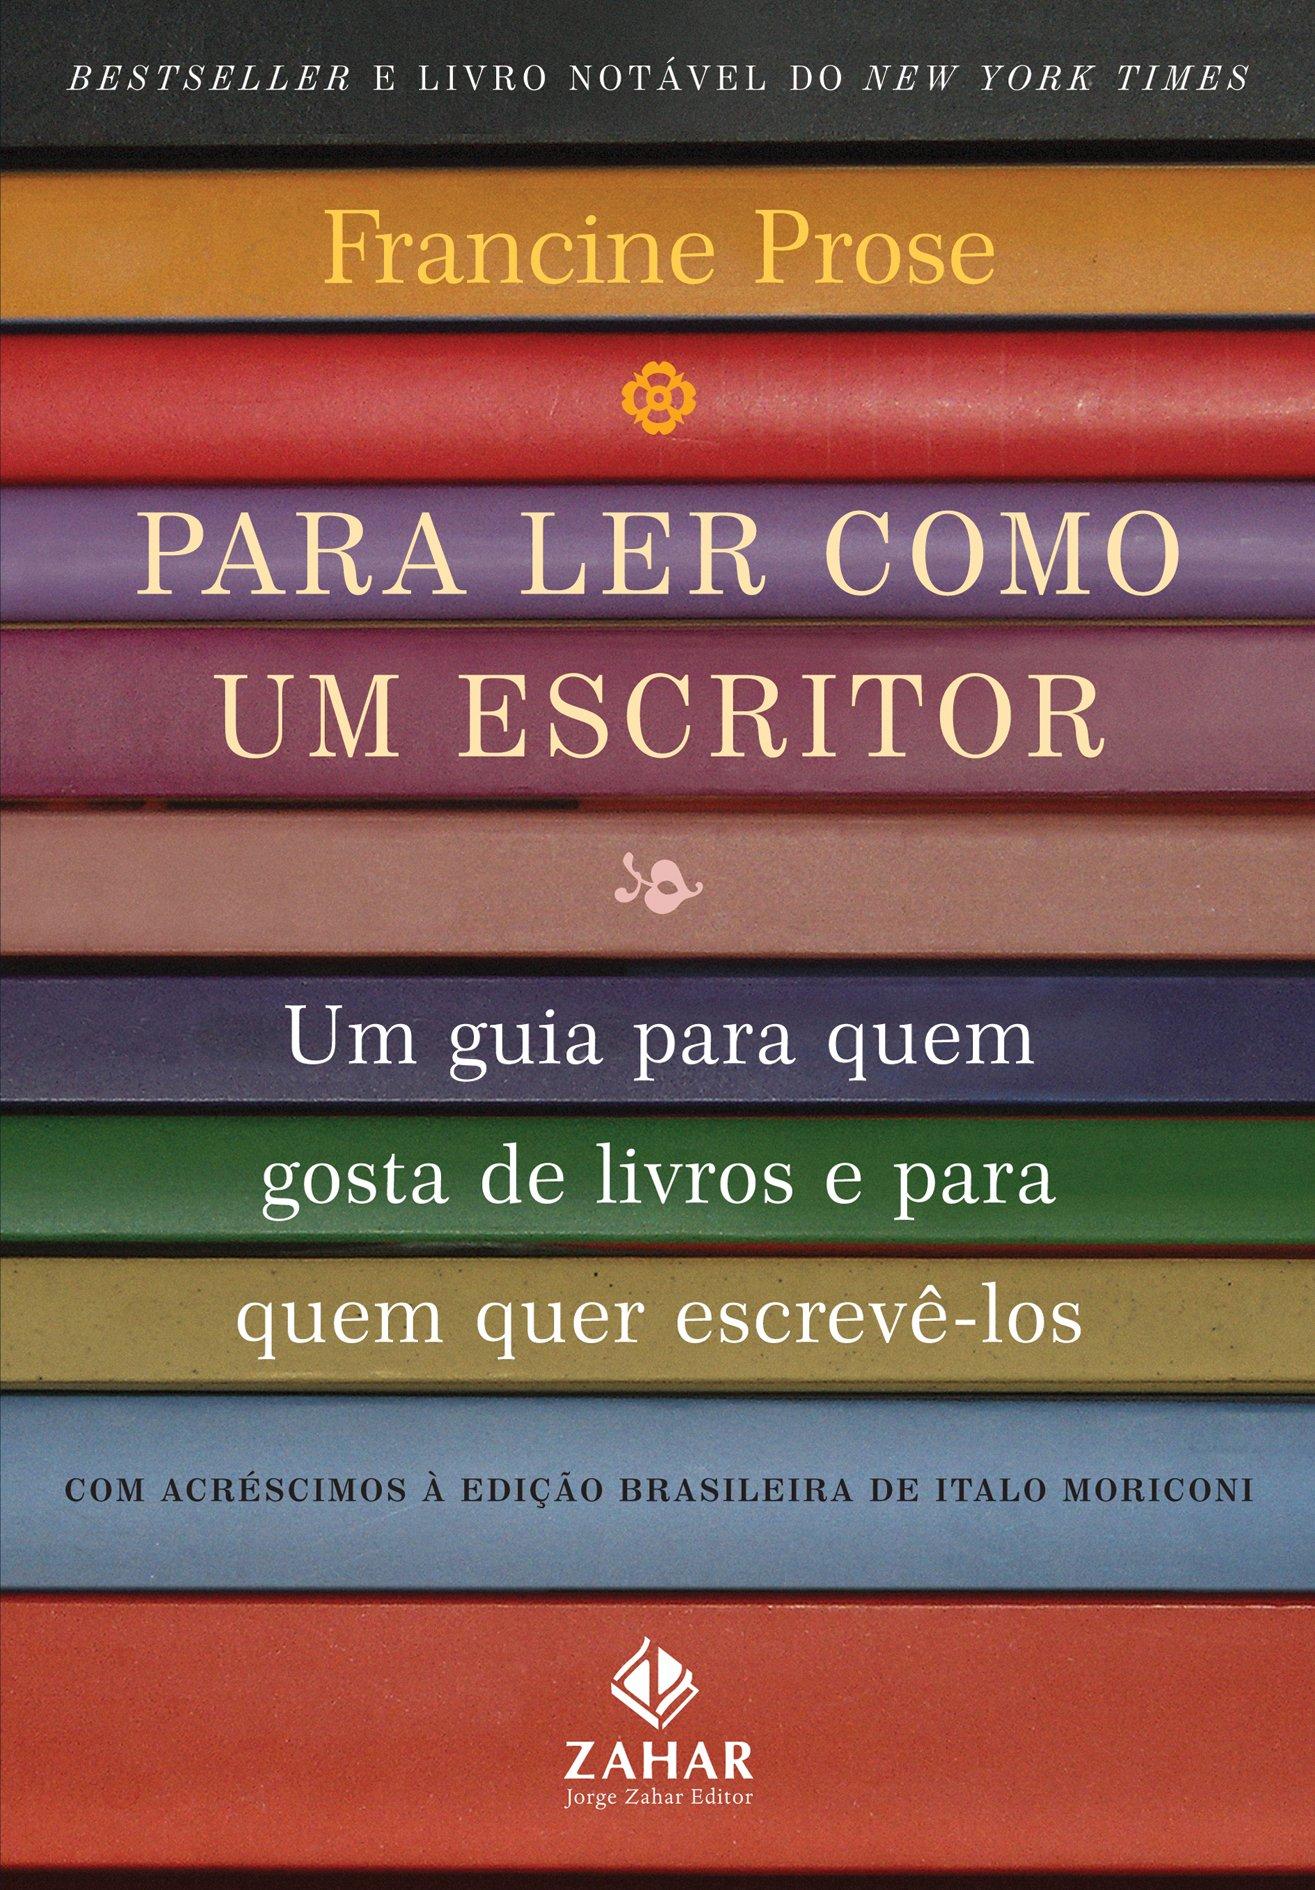 Livros Inspirar Francine Prose